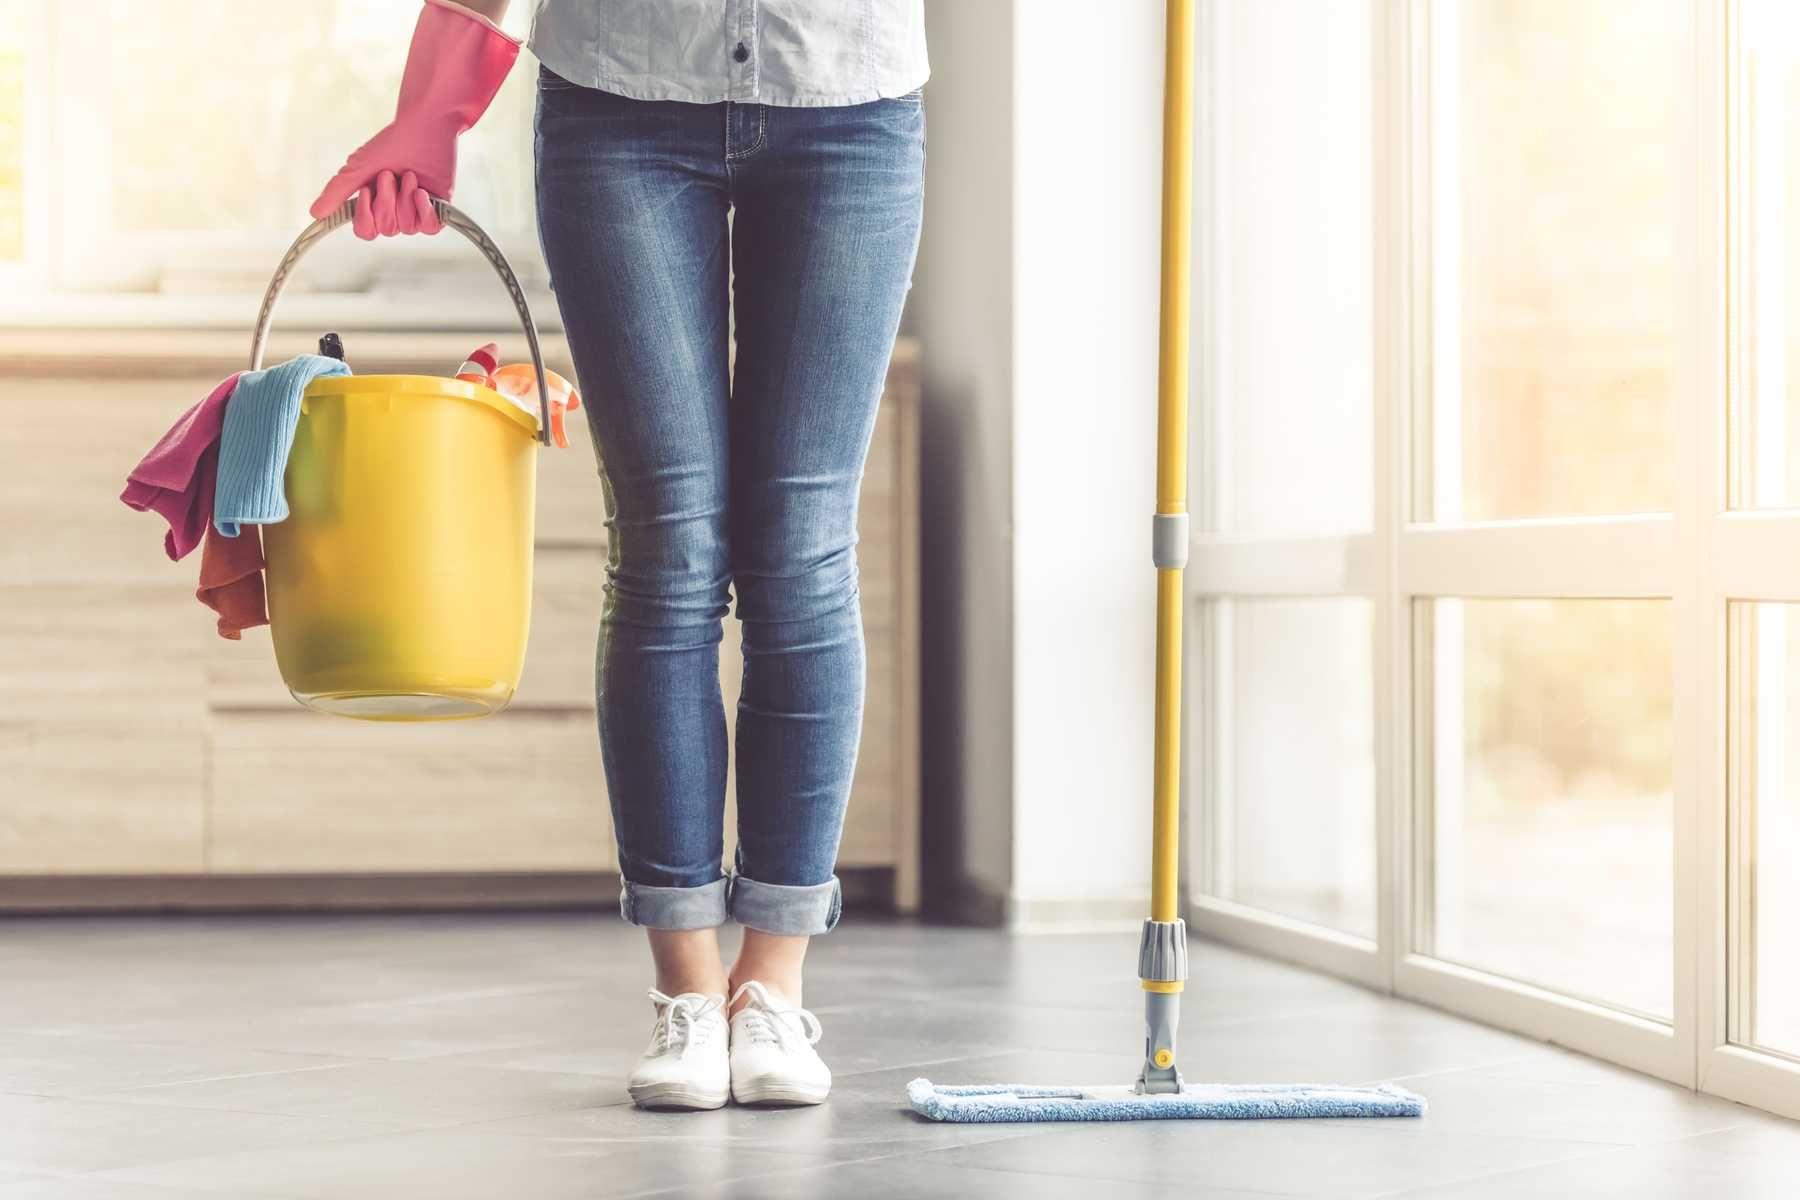 Hướng dẫn sử dụng nước lau sàn vệ sinh sàn gạch, sàn gỗ hiệu quả | Cleanipedia